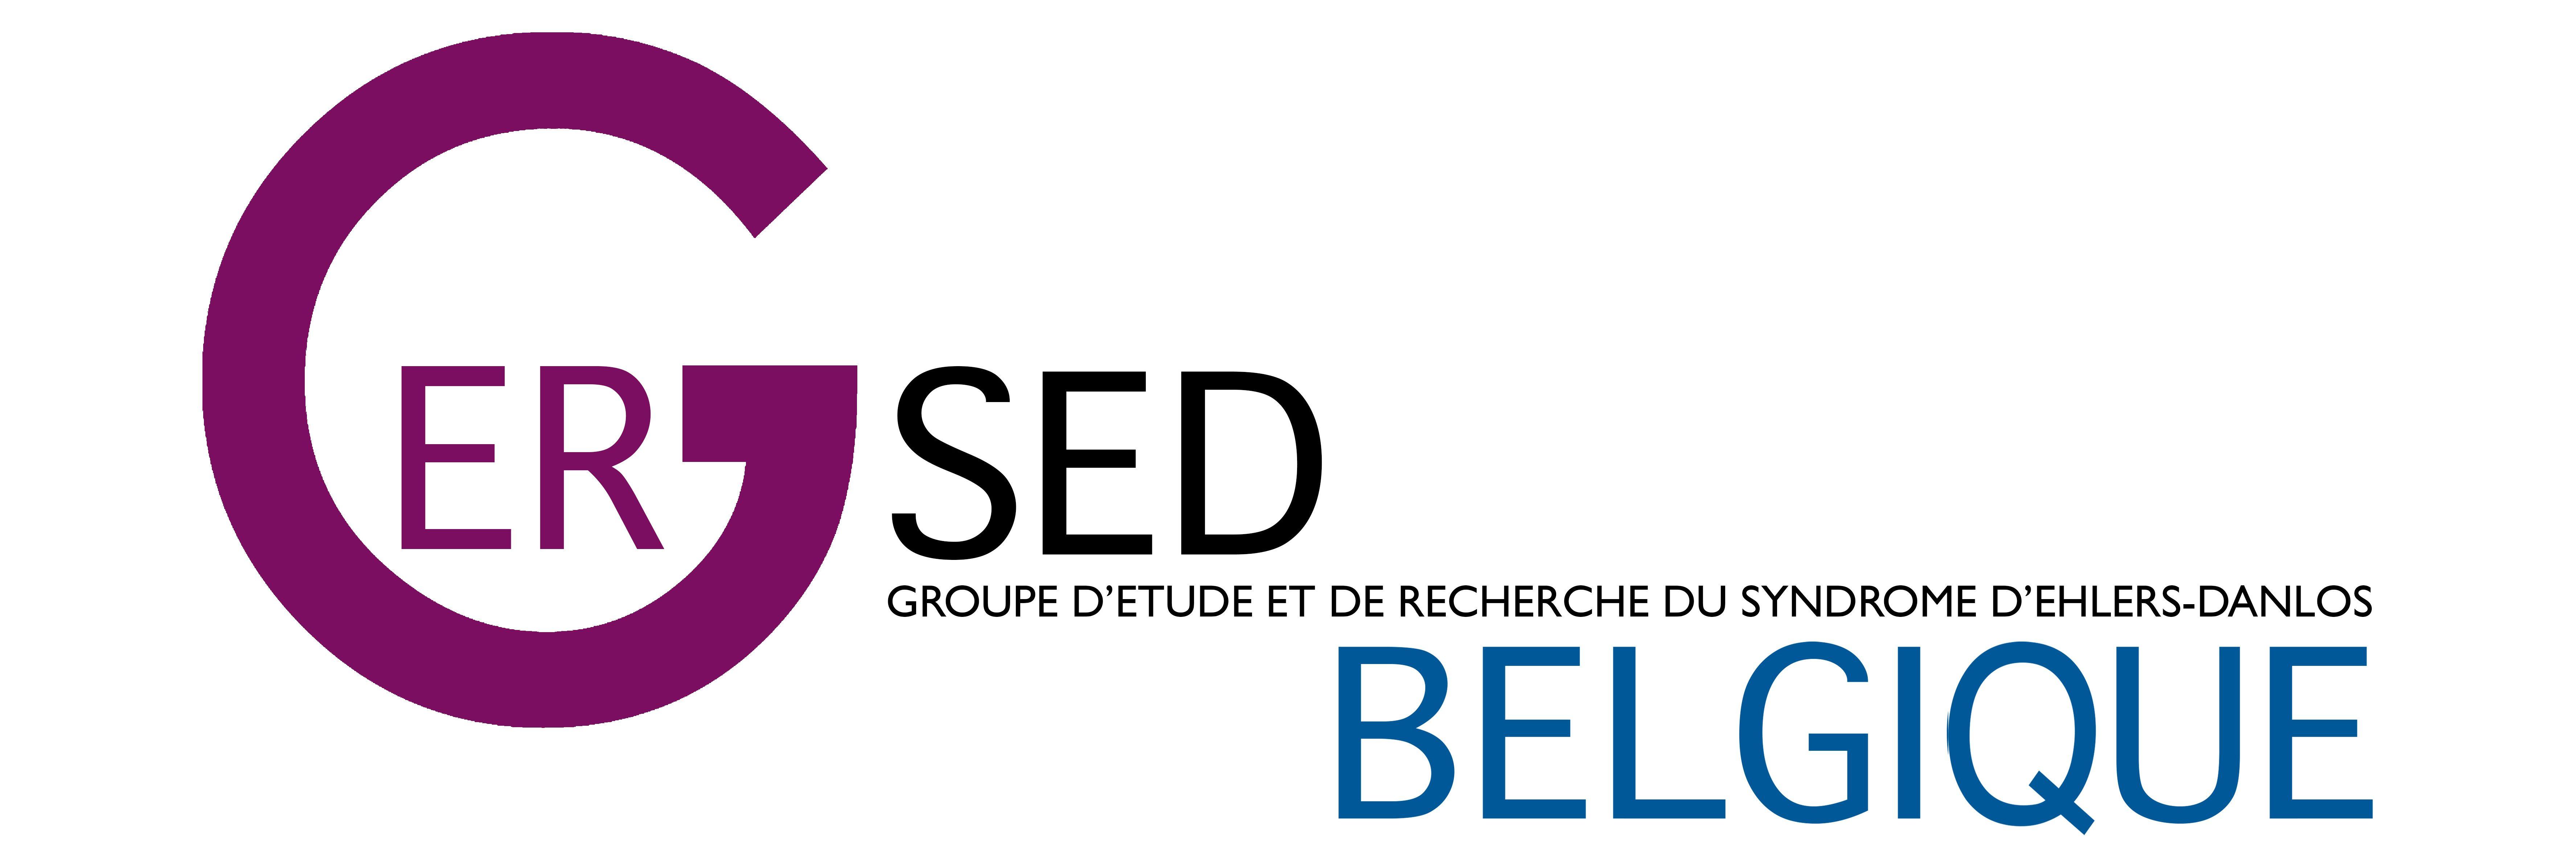 GERSED Belgique asbl